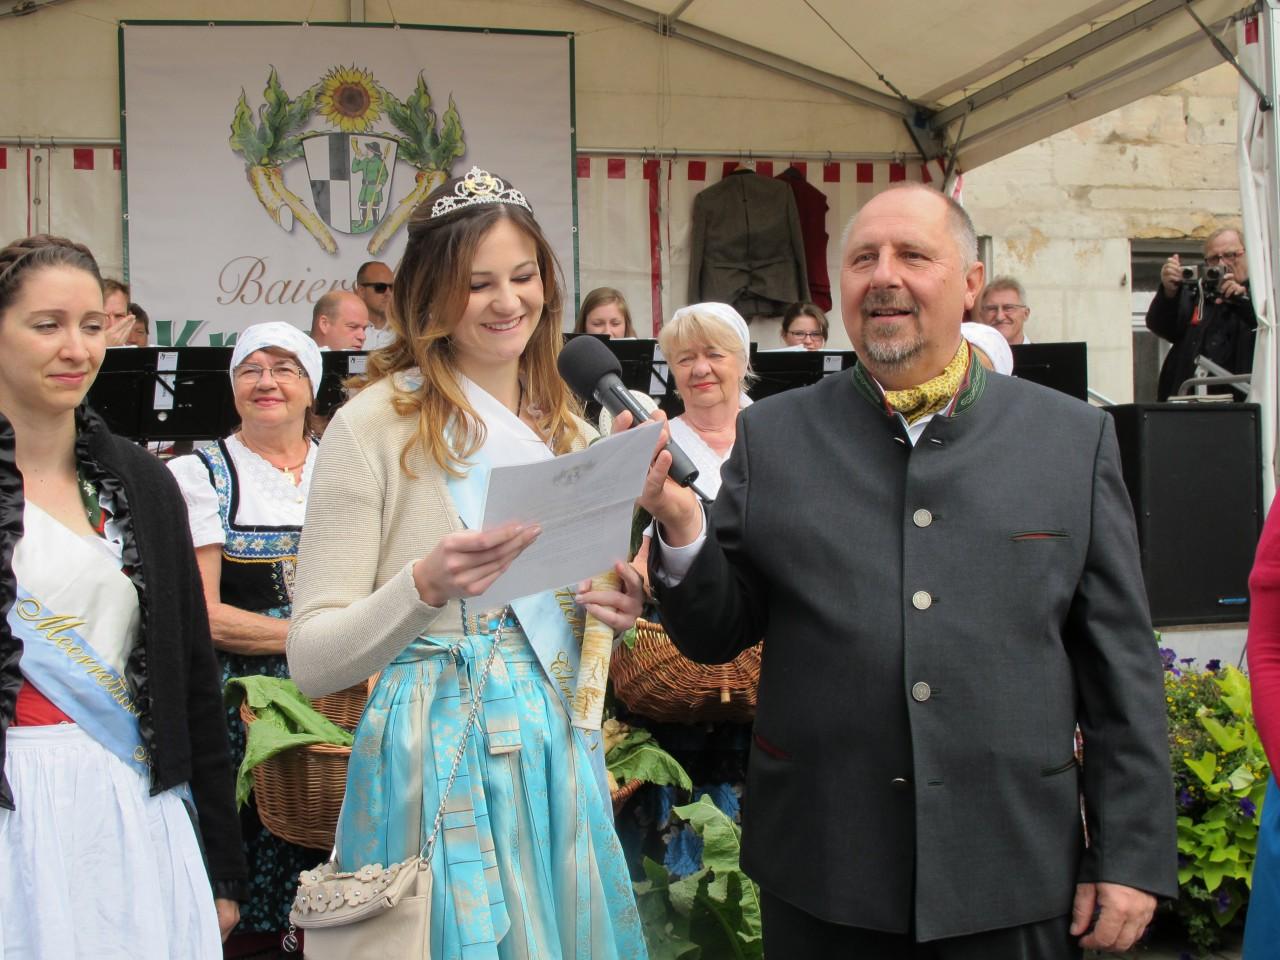 Einer von vielen großen Auftritten: Christine I. eröffnet den Krenmarkt 2015.